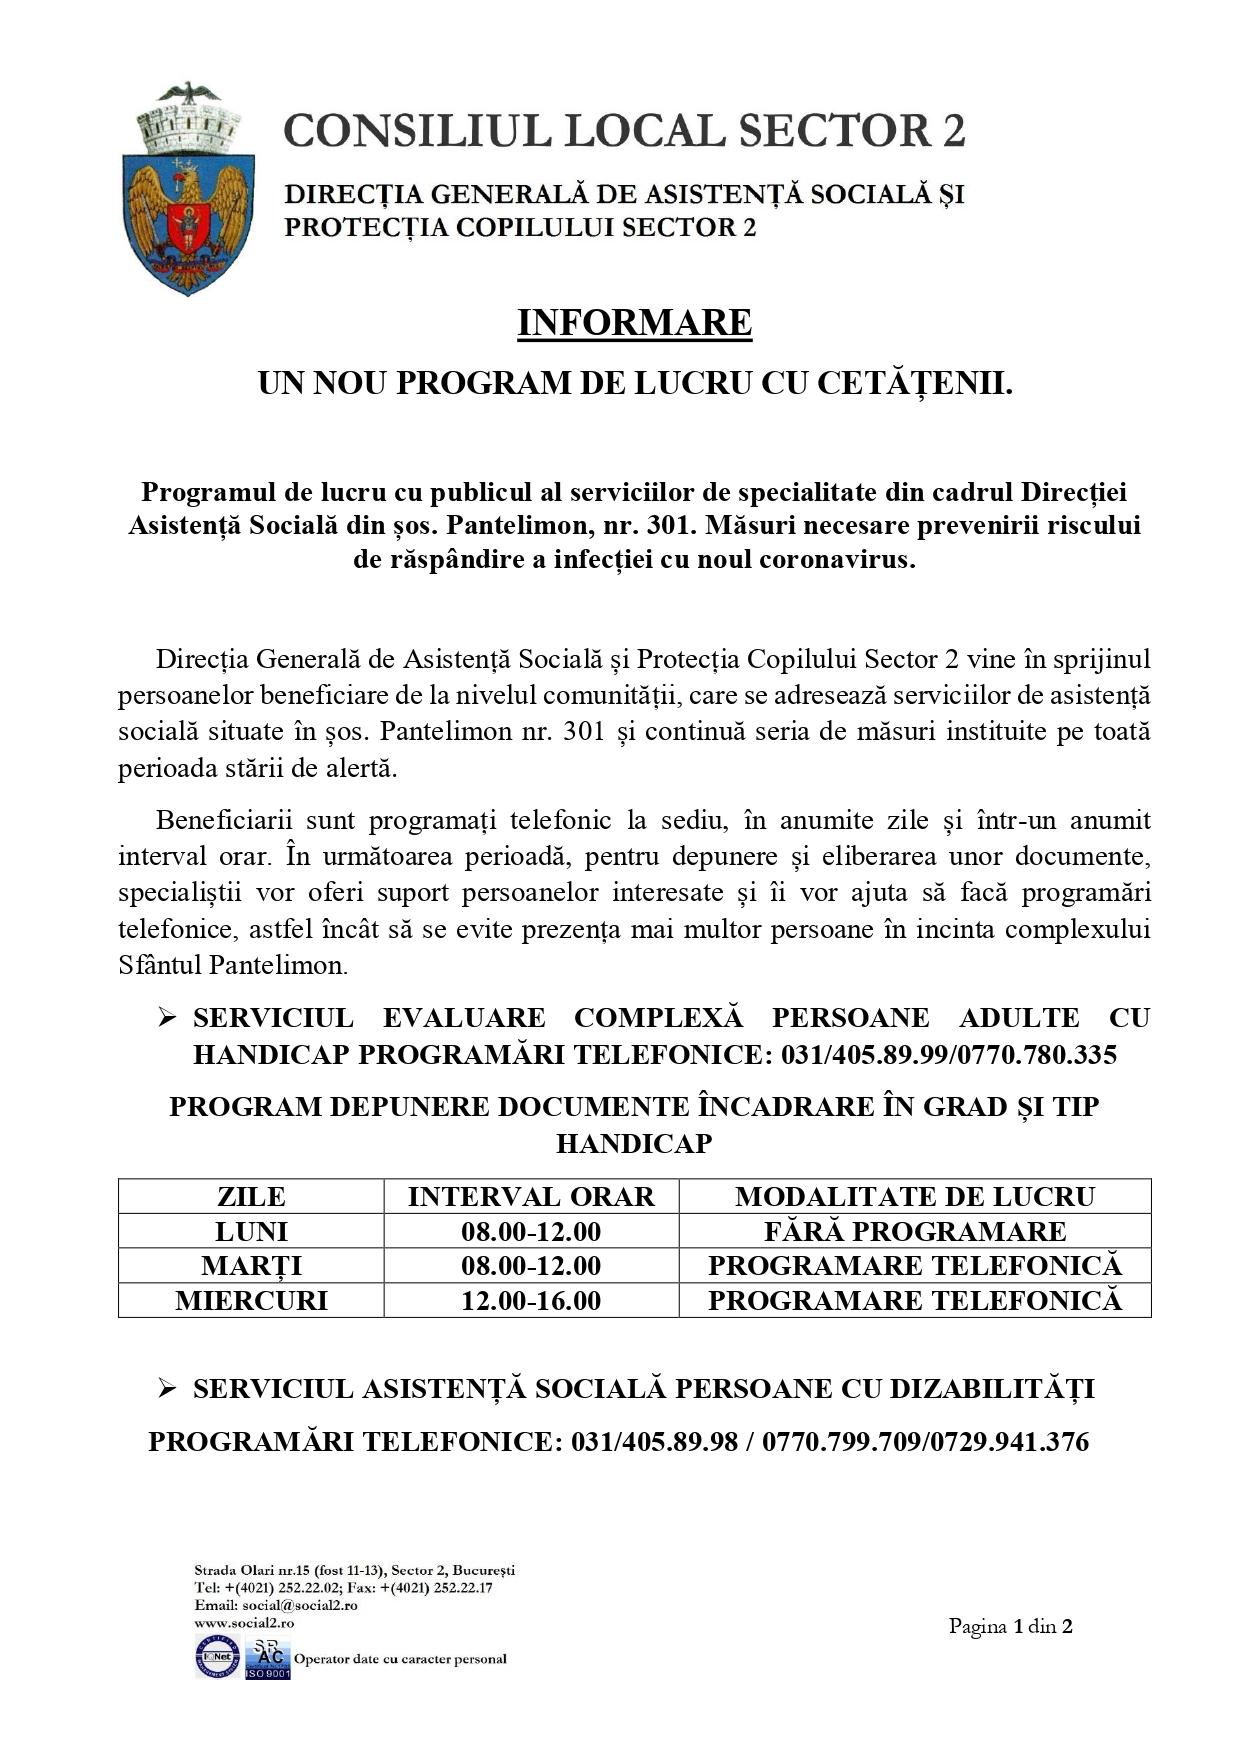 Program de lucru cu cetatenii 16092020 2 (1)_page-0001